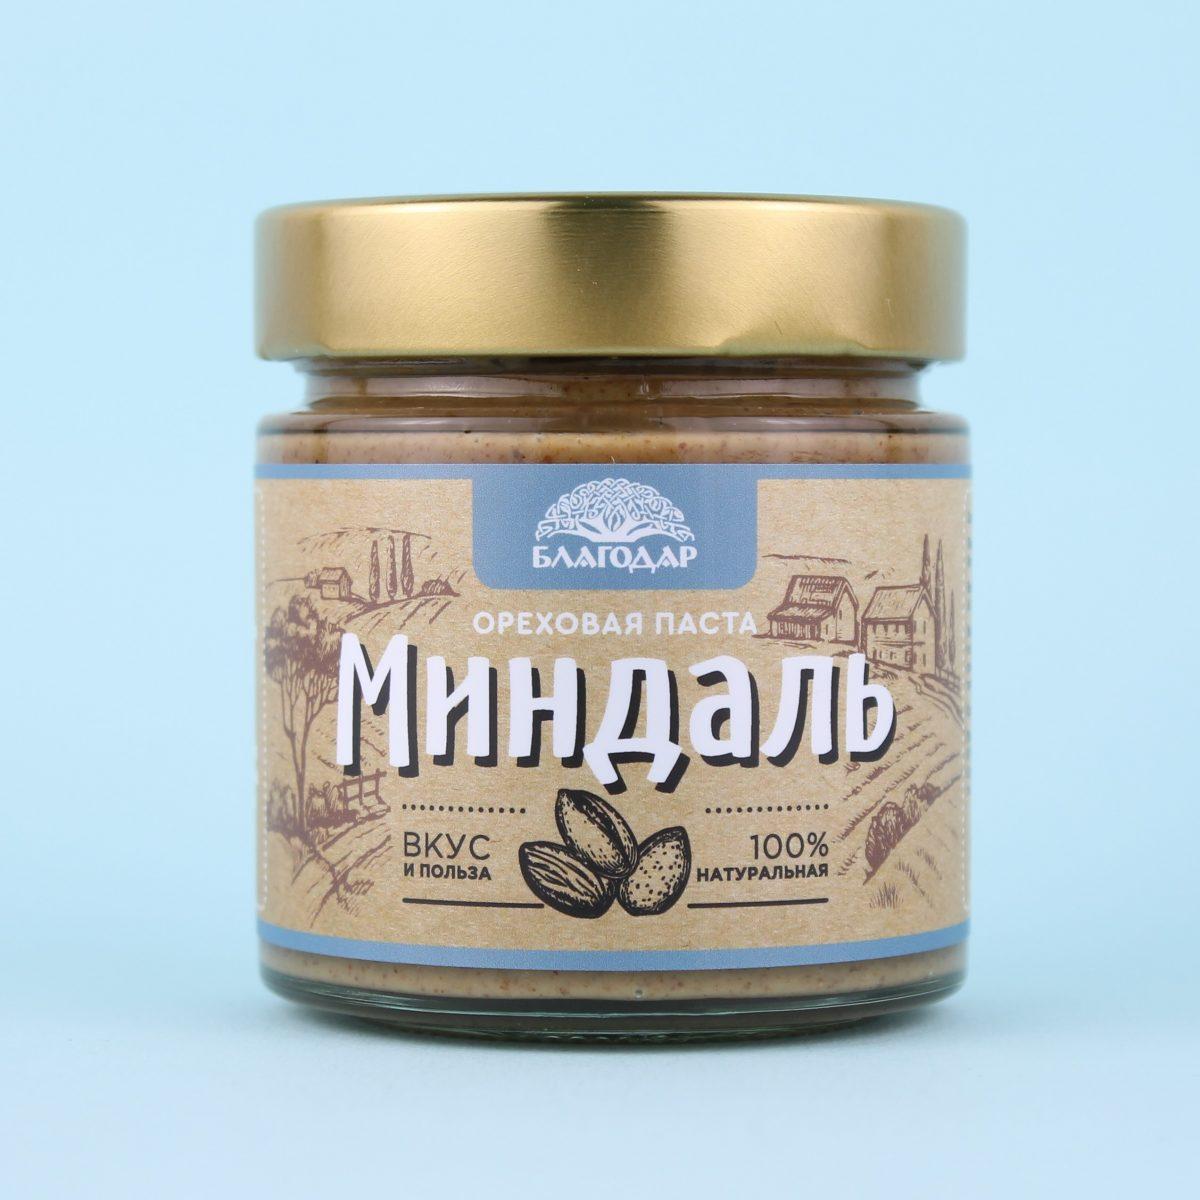 Паста ореховая Миндаль